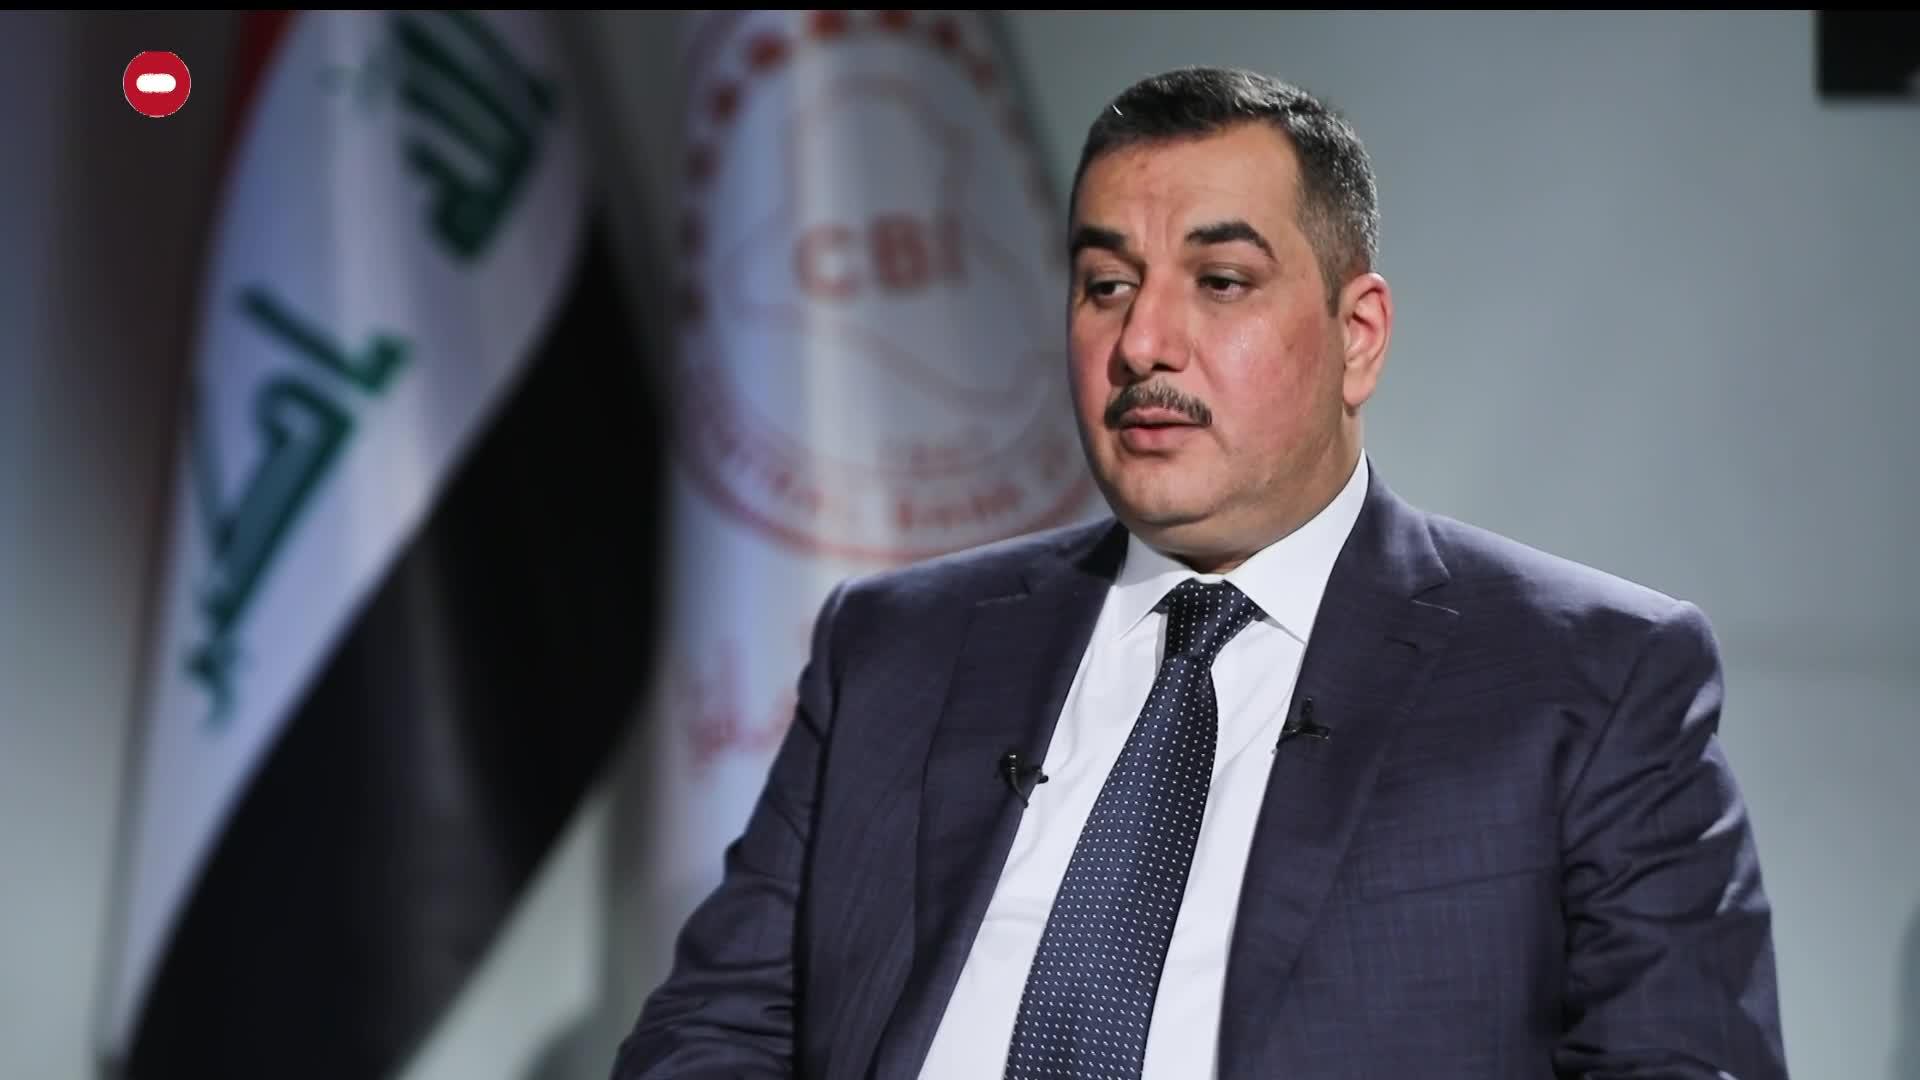 محافظ المركزي العراقي: كنا سنستنزف احتياطاتنا النقدية و بحثنا مع صندوق النقد وضع المرحلة المقبلة